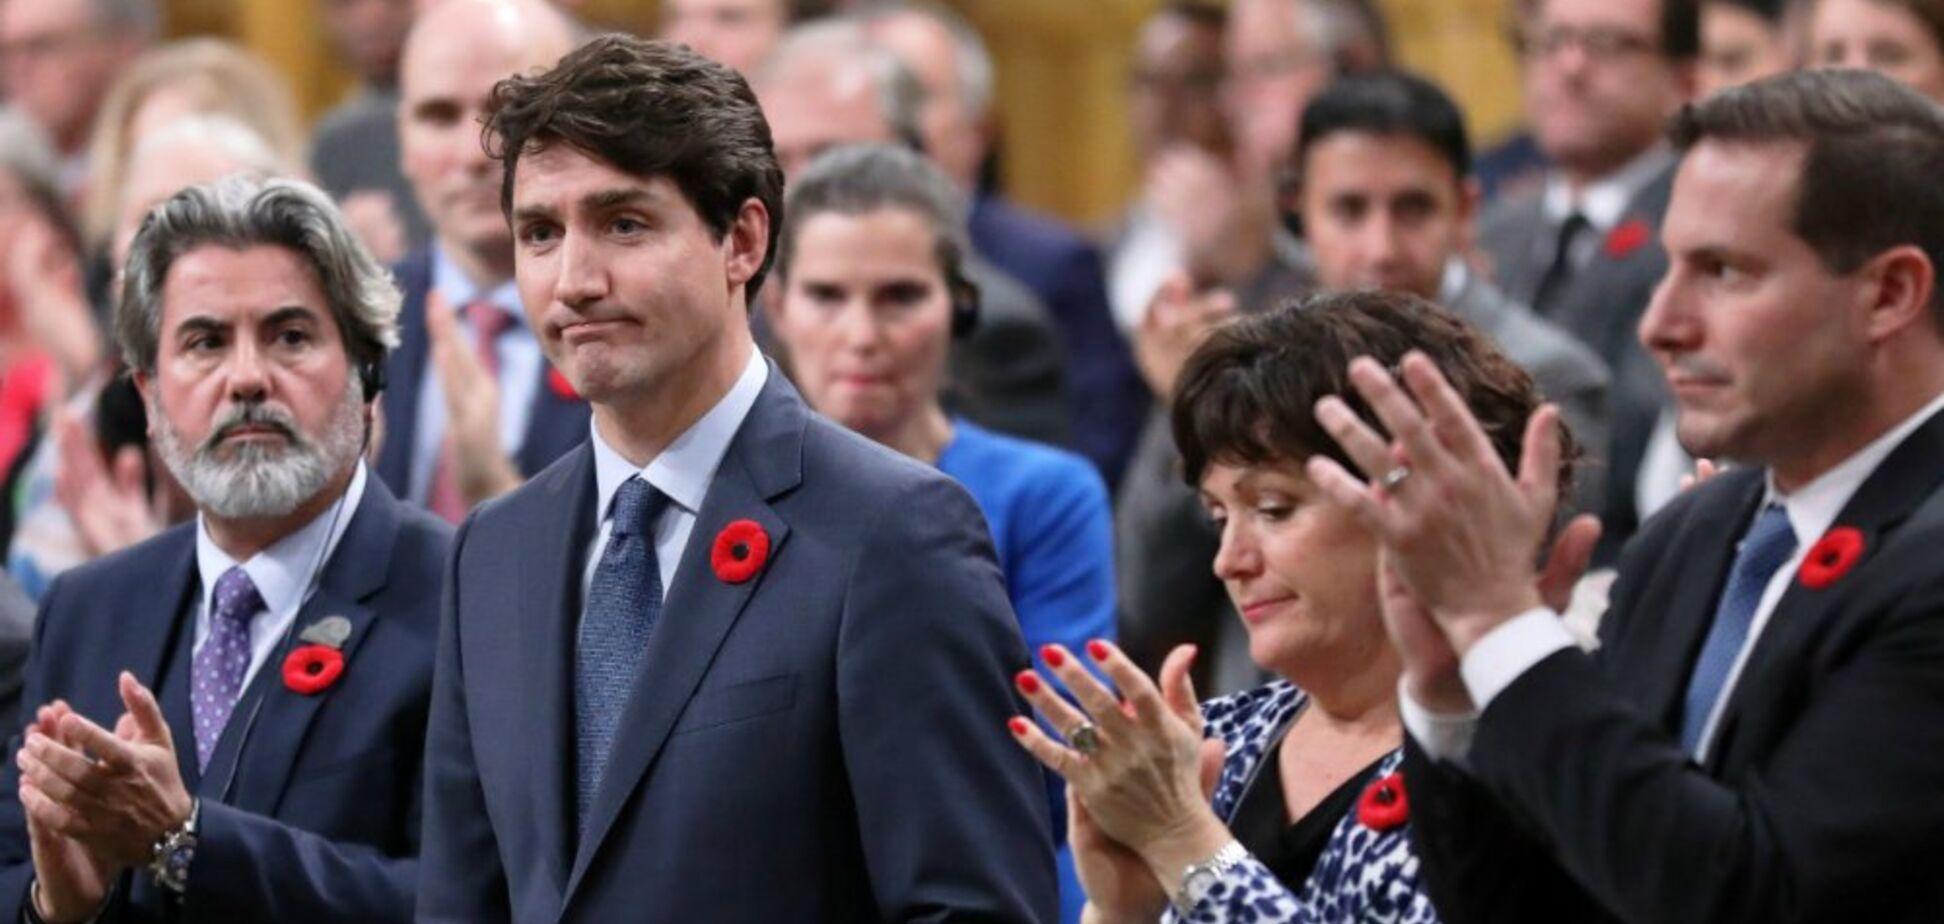 Извинение Трюдо: политик должен исправлять ошибки своих предшественников